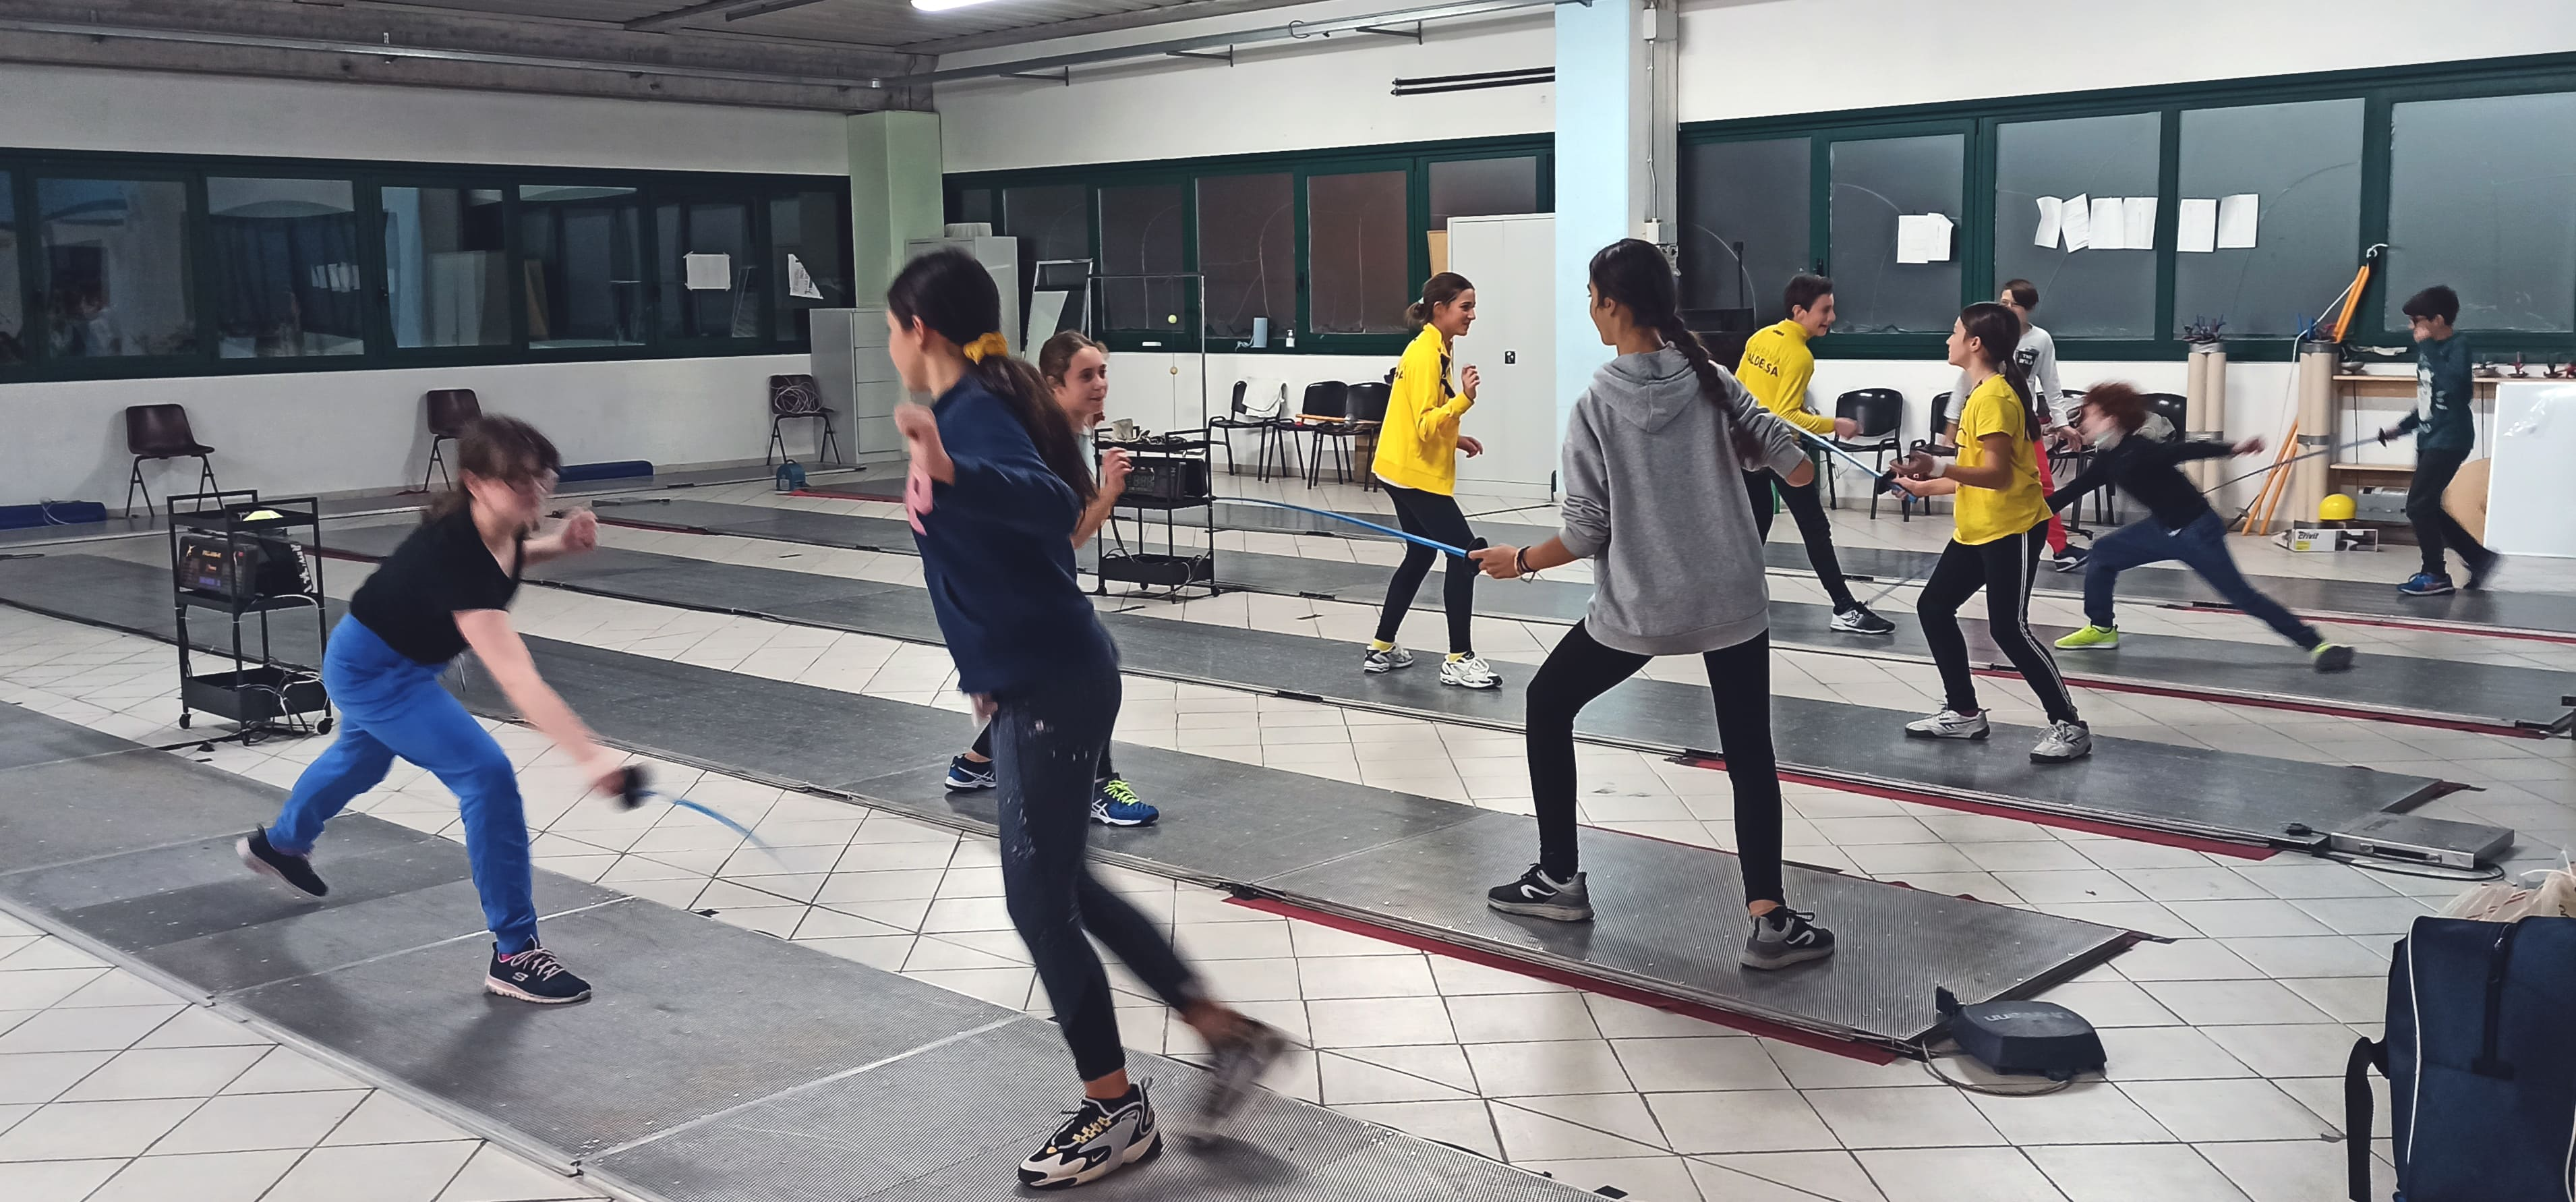 Scherma in Toscana a Colle Val d'Elsa (Siena) - Sport Fioretto Spada per bambini, ragazzi e adulti in Valdelsa, Colle, Monteriggioni, Poggibonsi, Casole d'Elsa.'